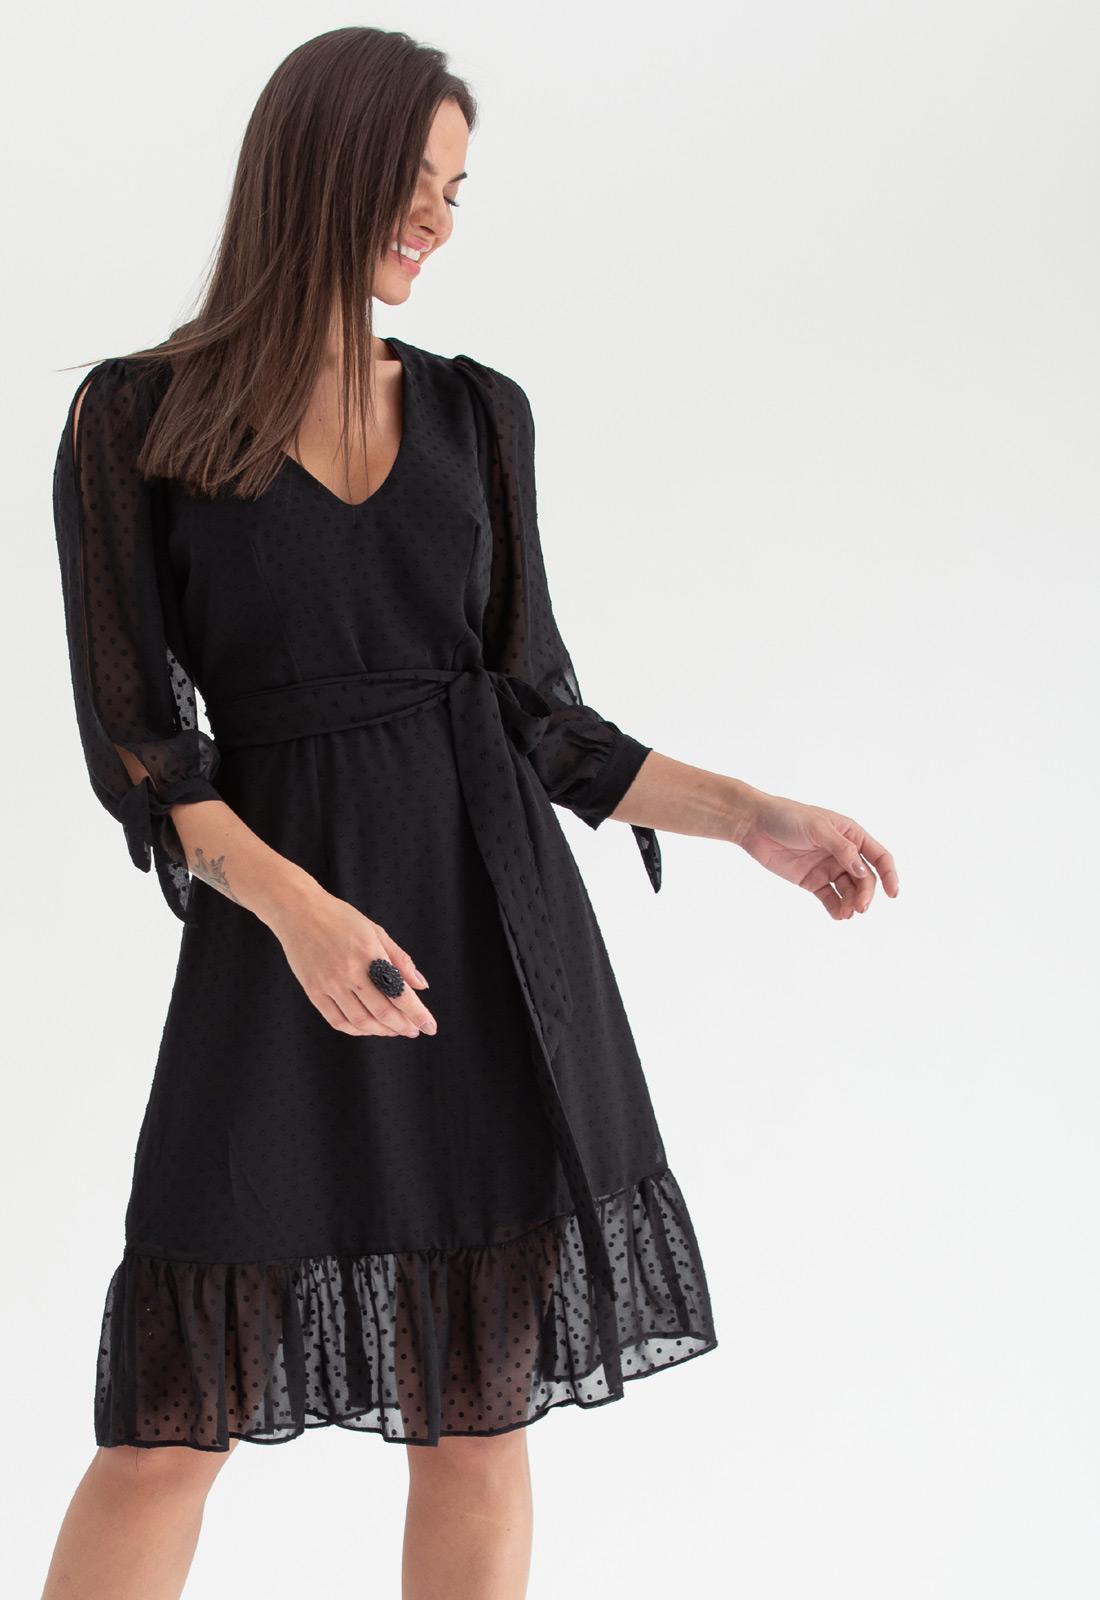 Vestido de festa curto Preto ref. 2584